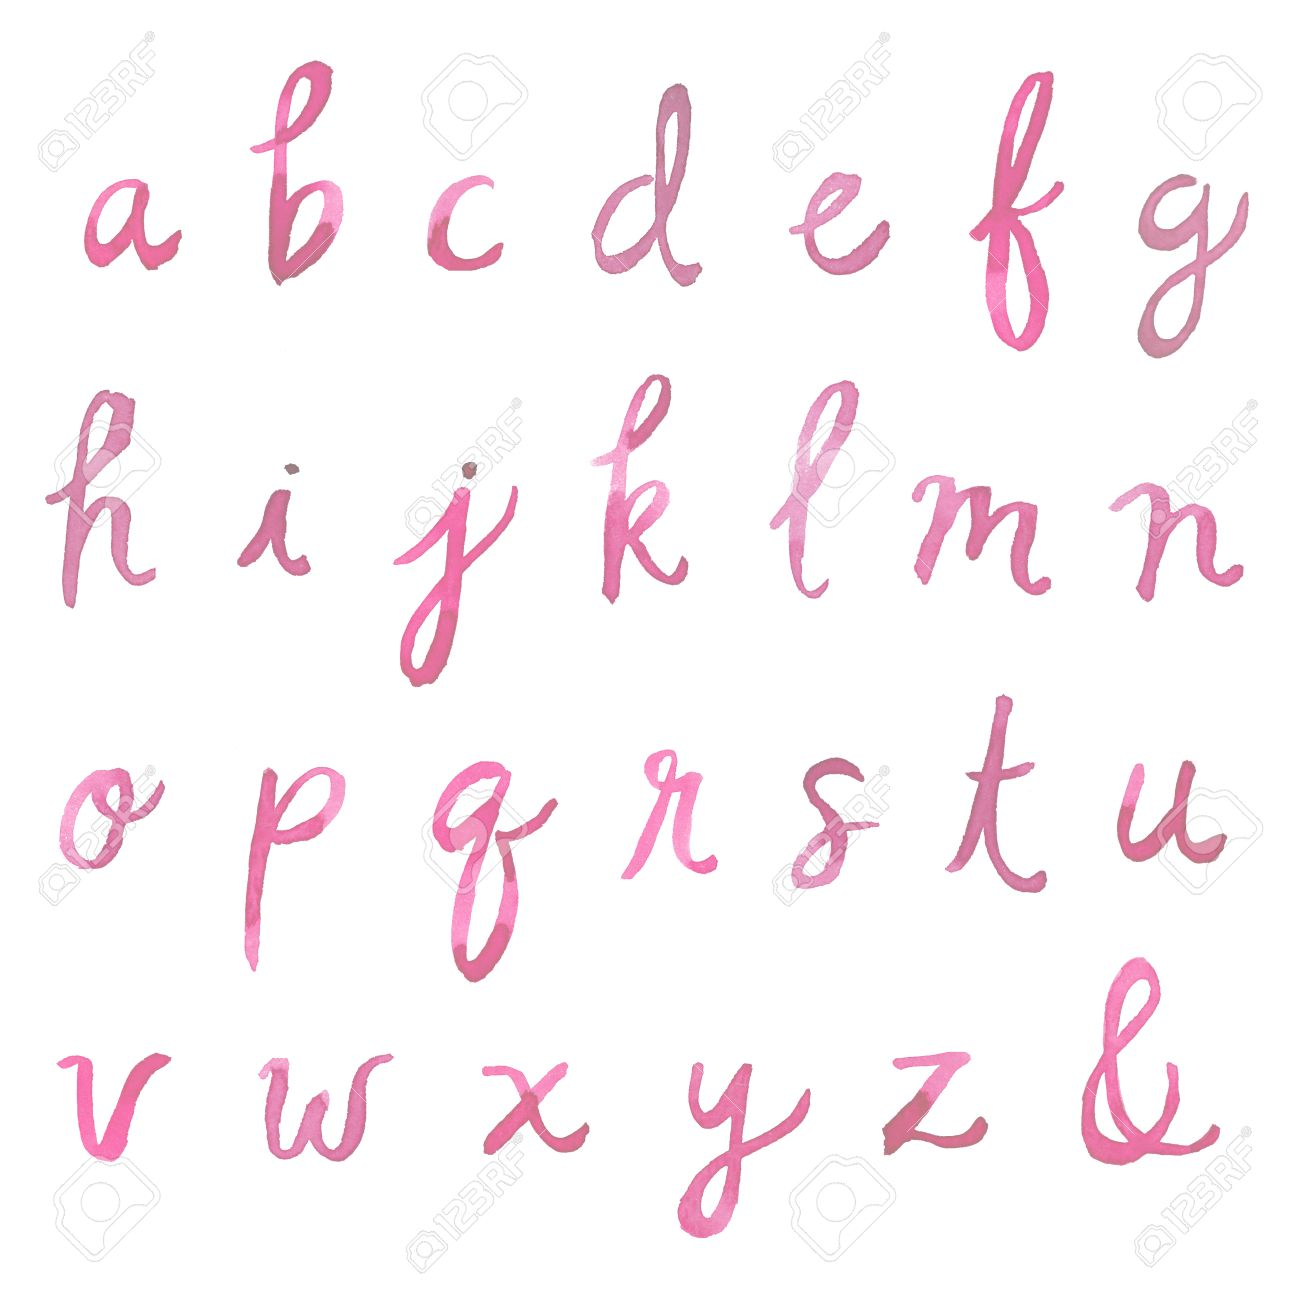 Hand Painted Watercolor Alphabet. Watercolor Font Letters. Cursive..